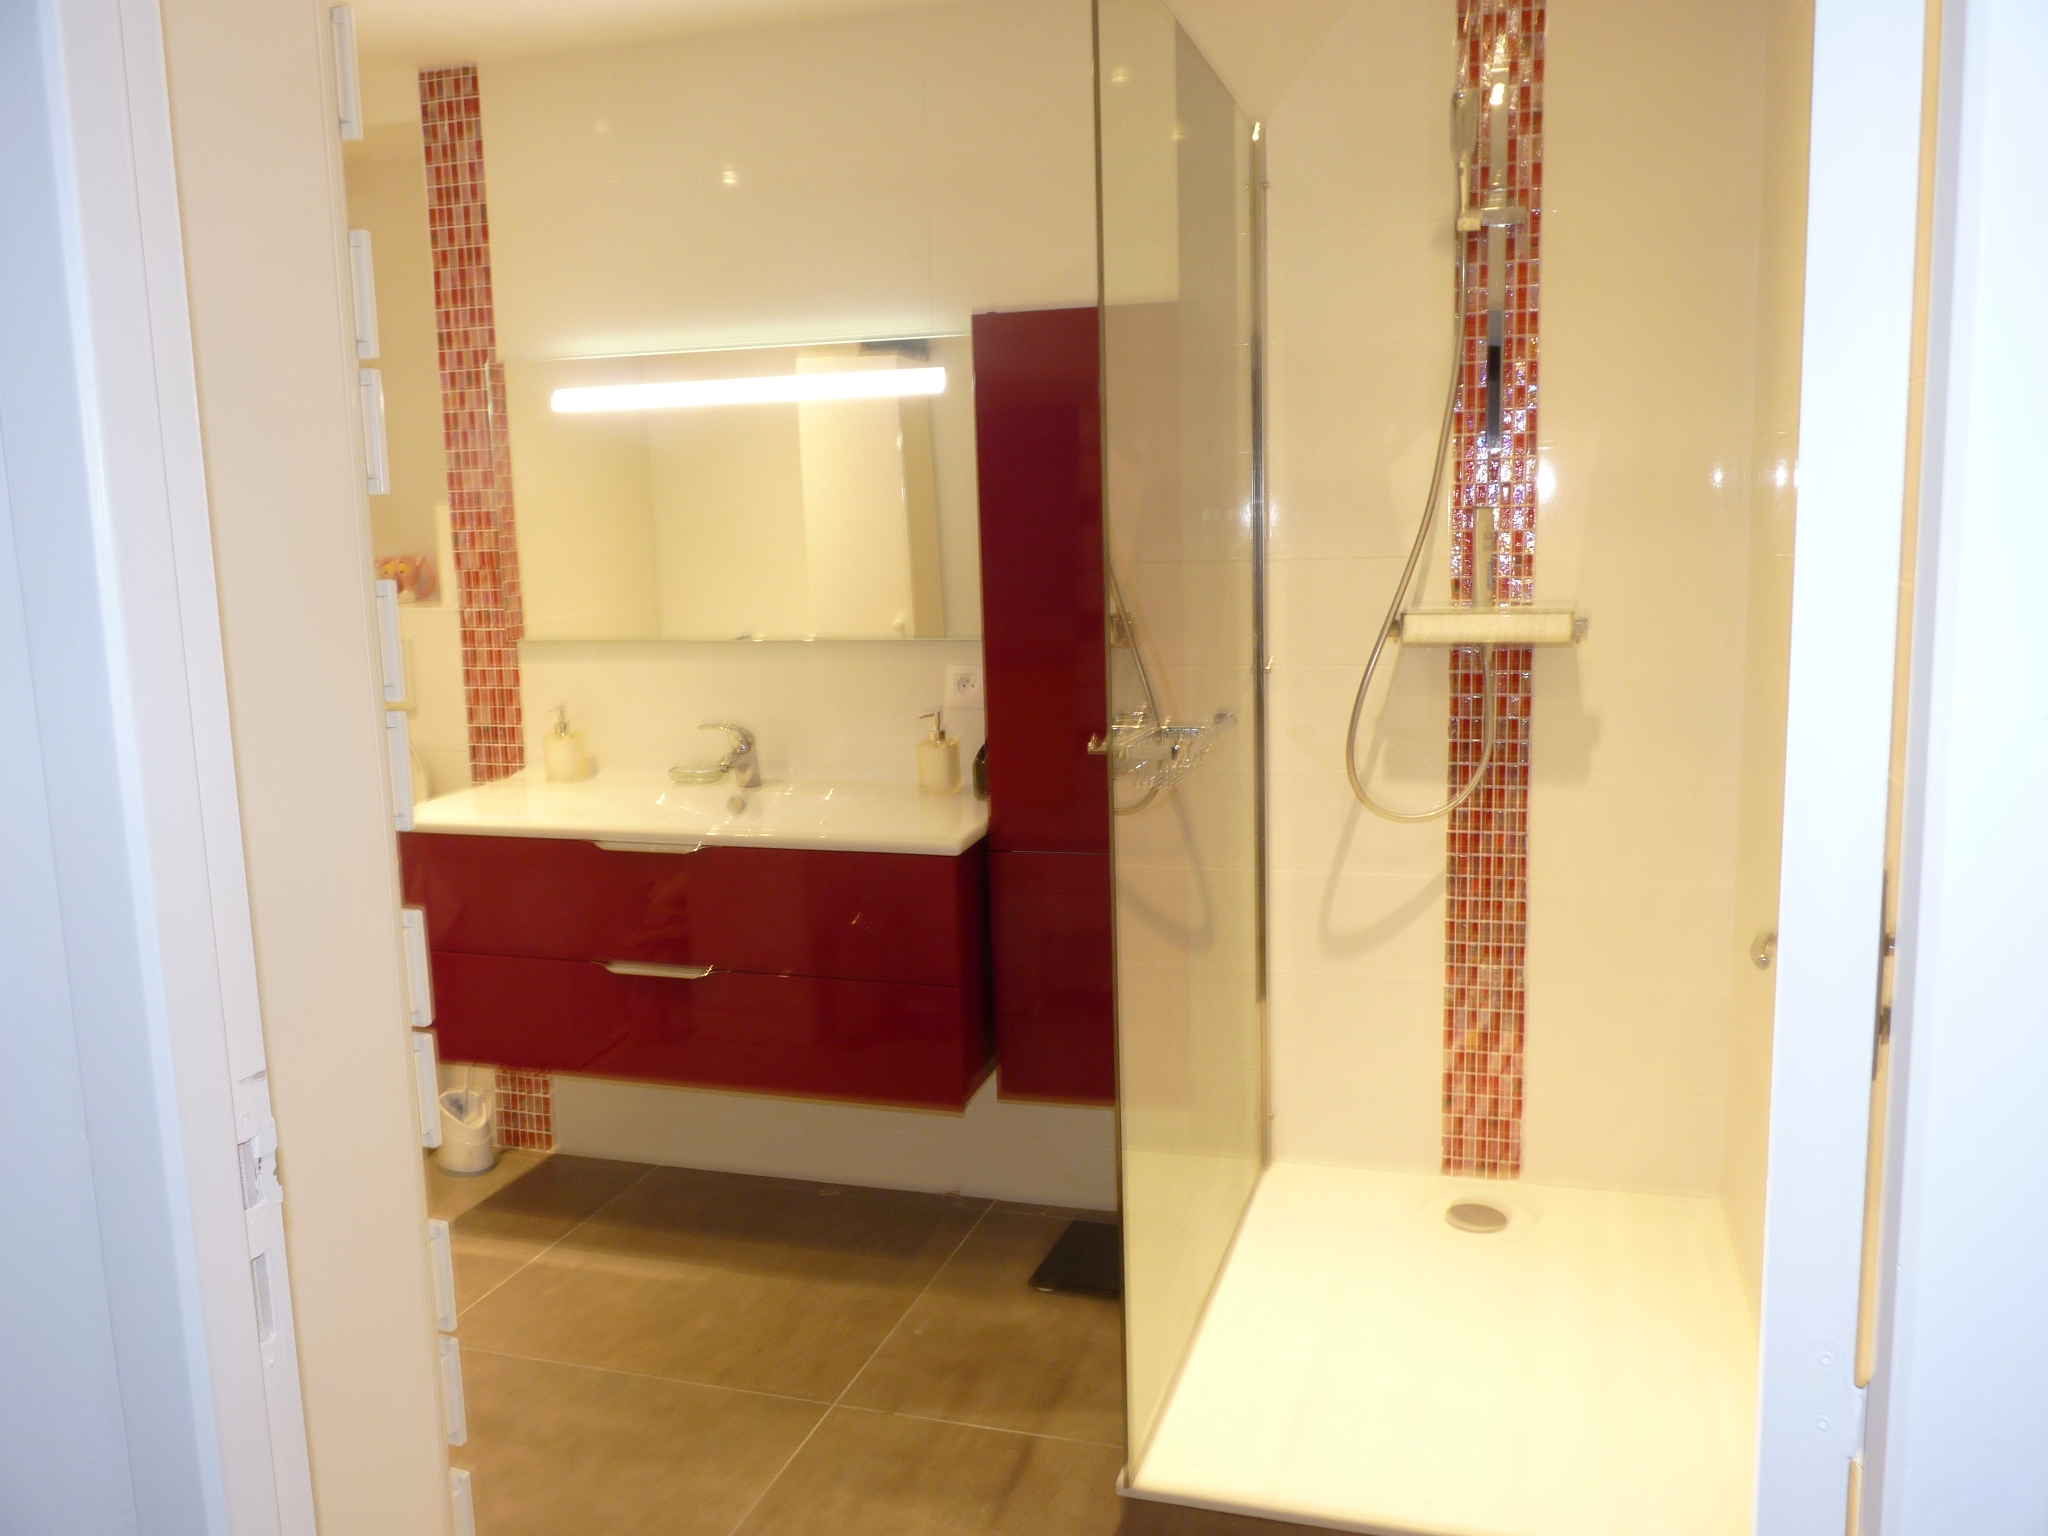 Salle De Bain Avec Douche Et Baignoire D'Angle ~ travaux d am nagement d une salle de bain 69760 limonest action